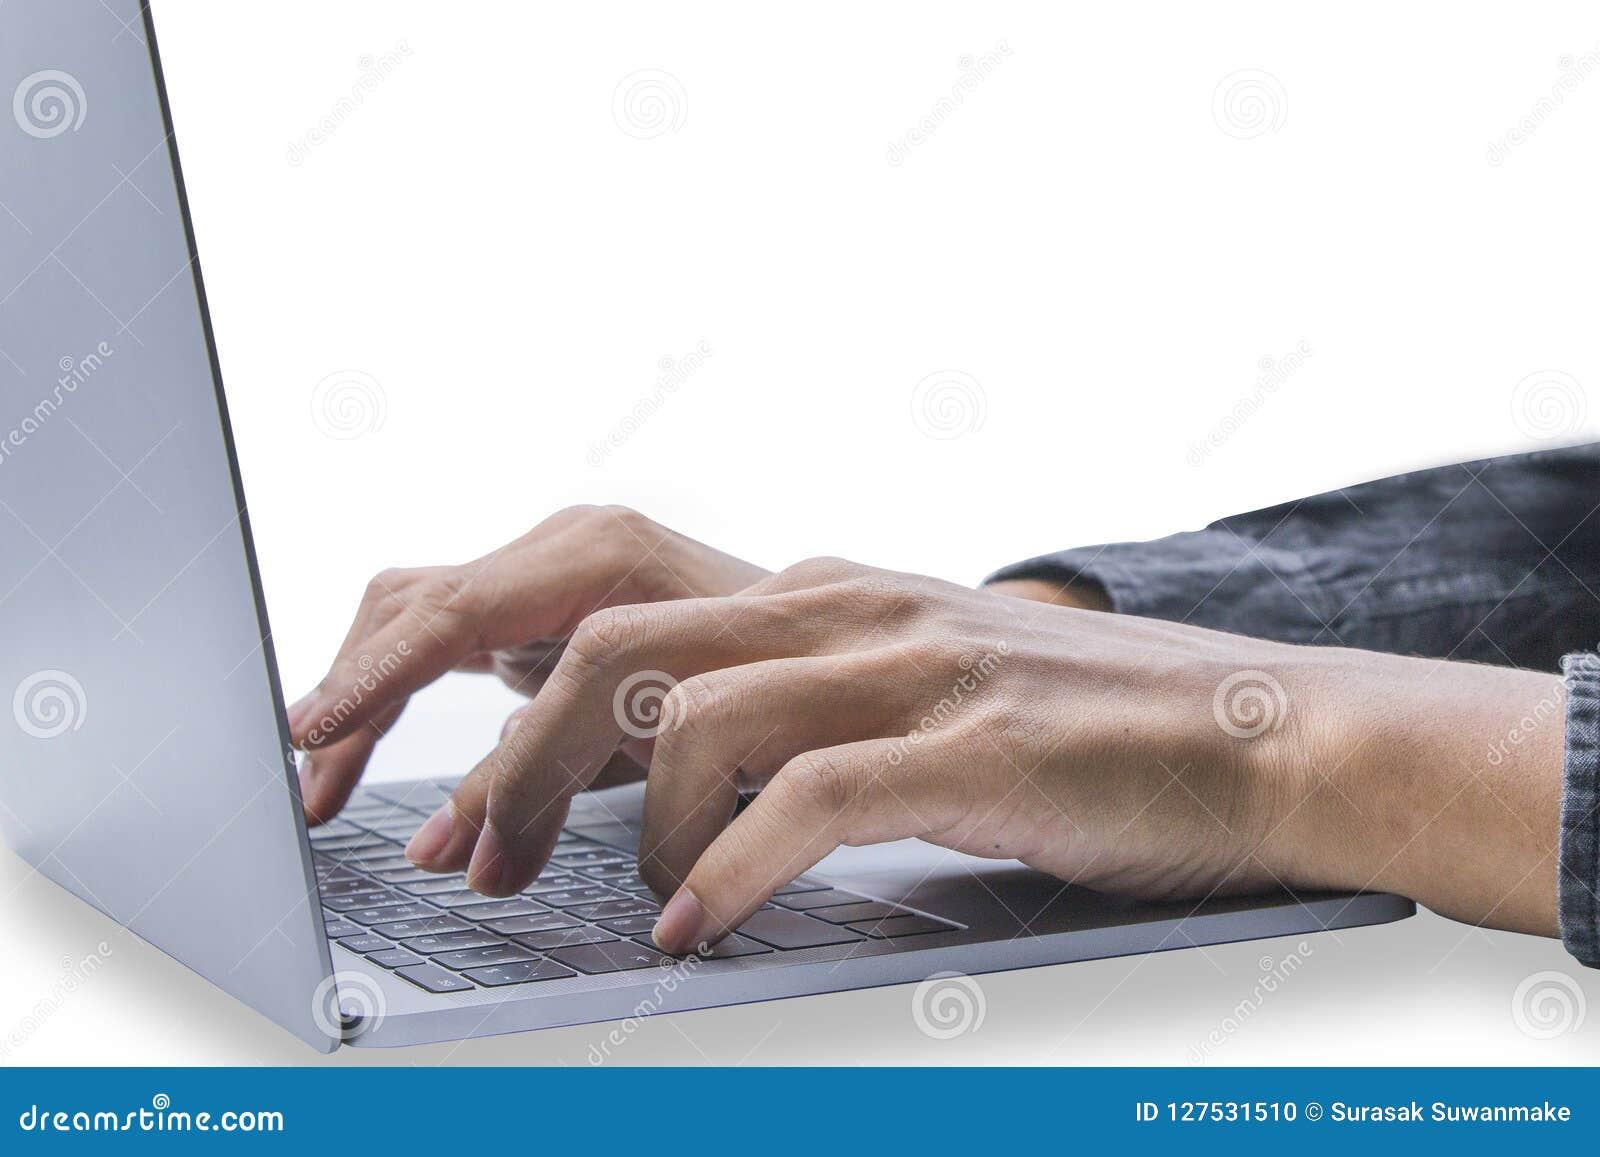 Όμορφος υπολογιστής παιχνιδιού νεαρών άνδρων Ή εκτύπωση οικονομική και επιχειρησιακές πληροφορίες Σε ένα άσπρο σκηνικό